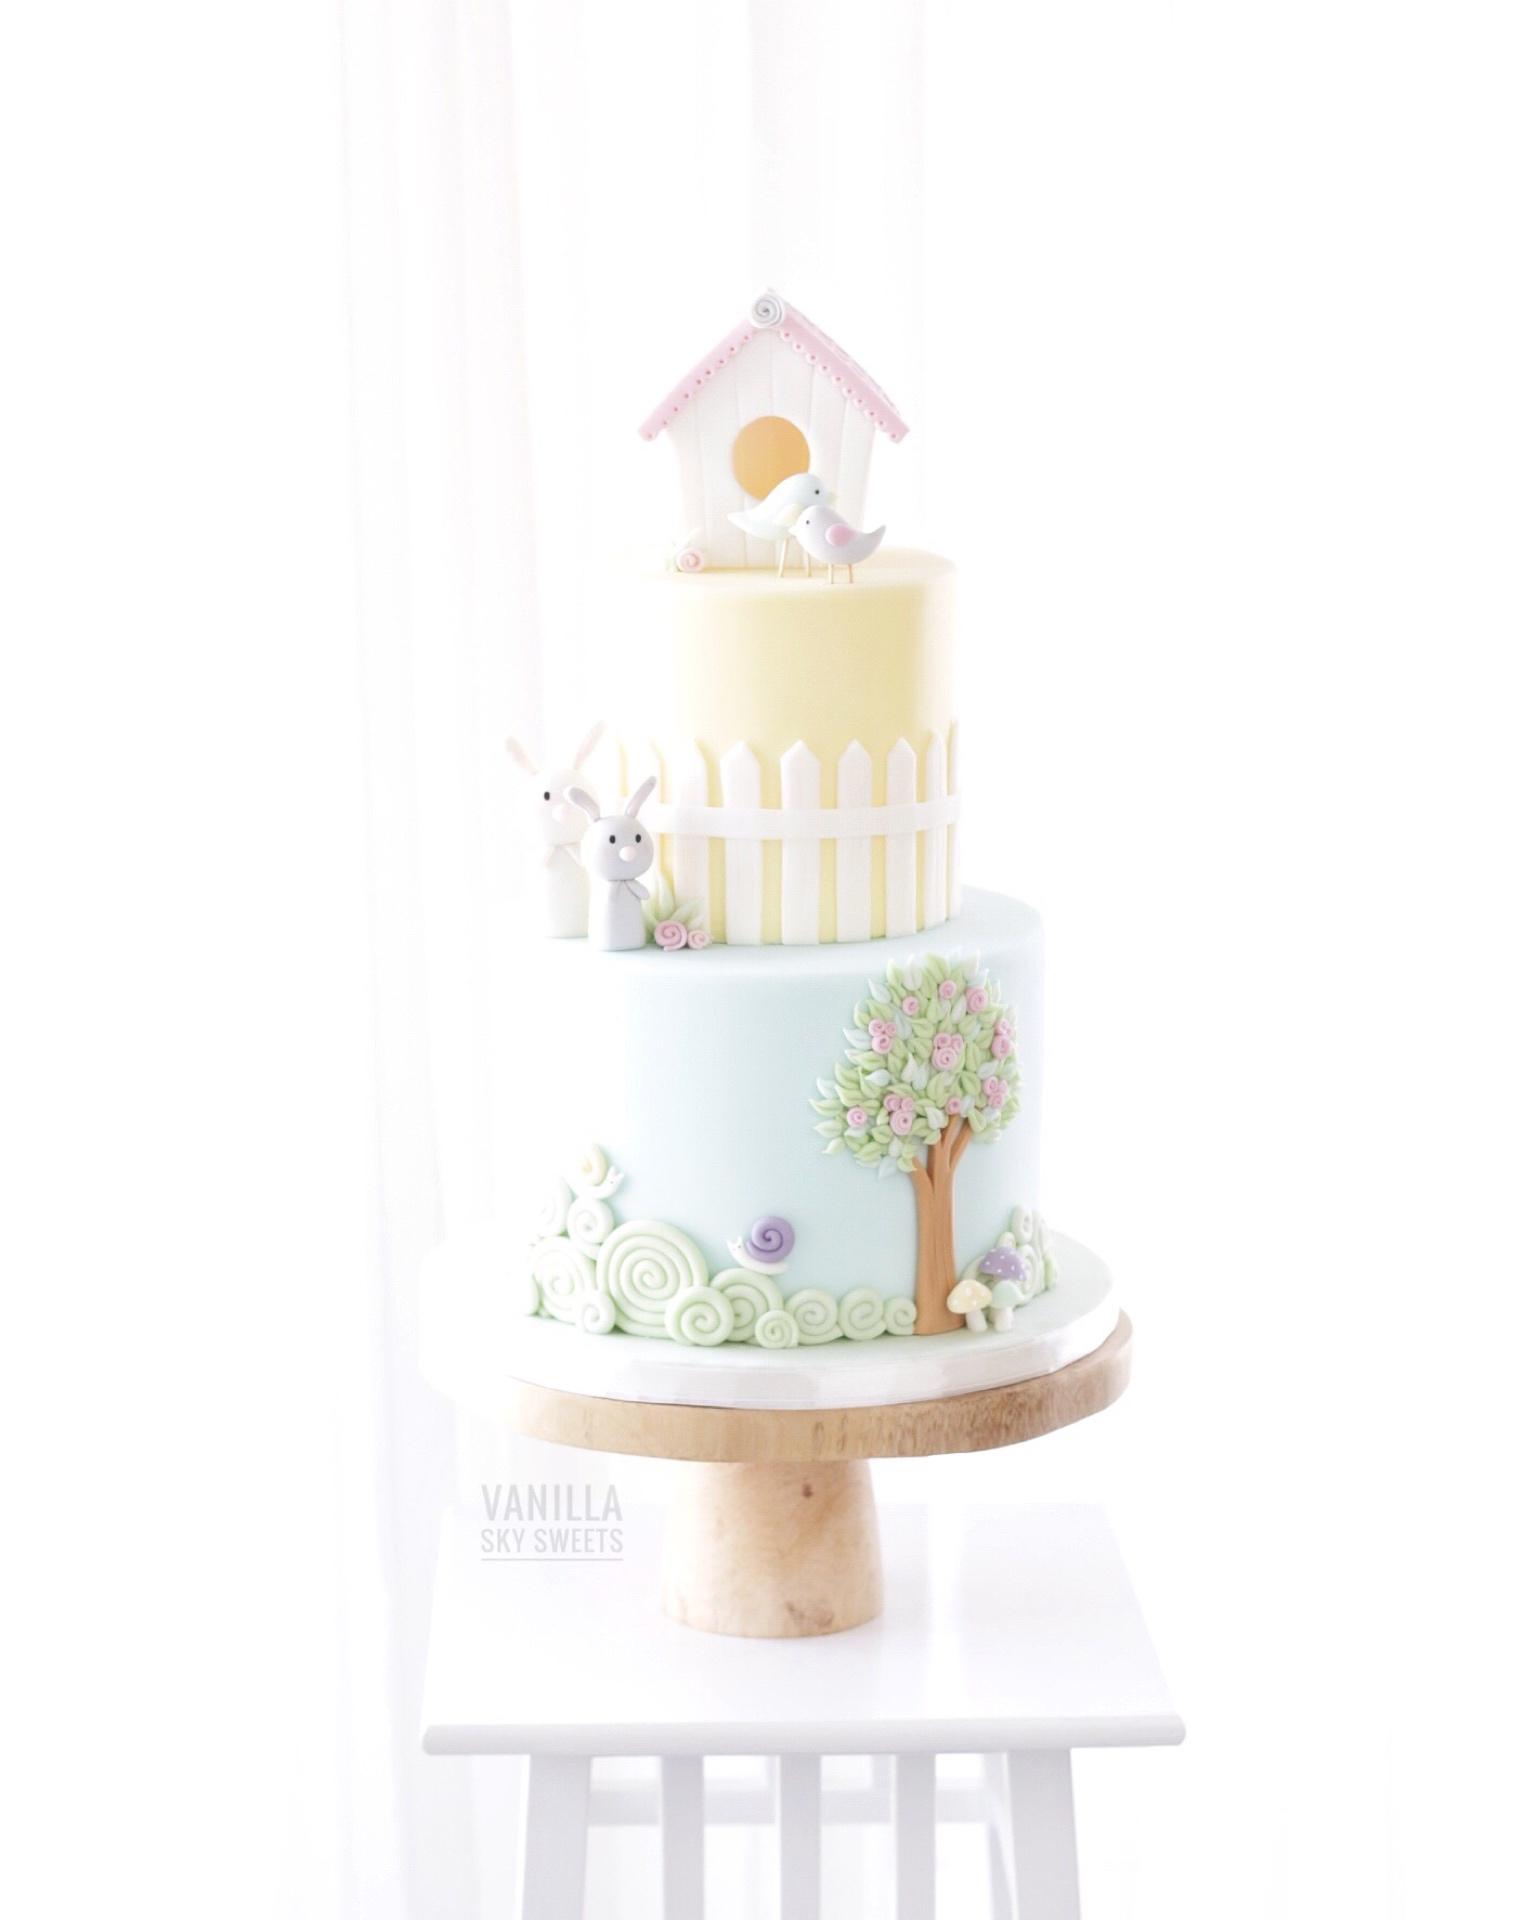 Cute Birdhouse and bunny themed cake